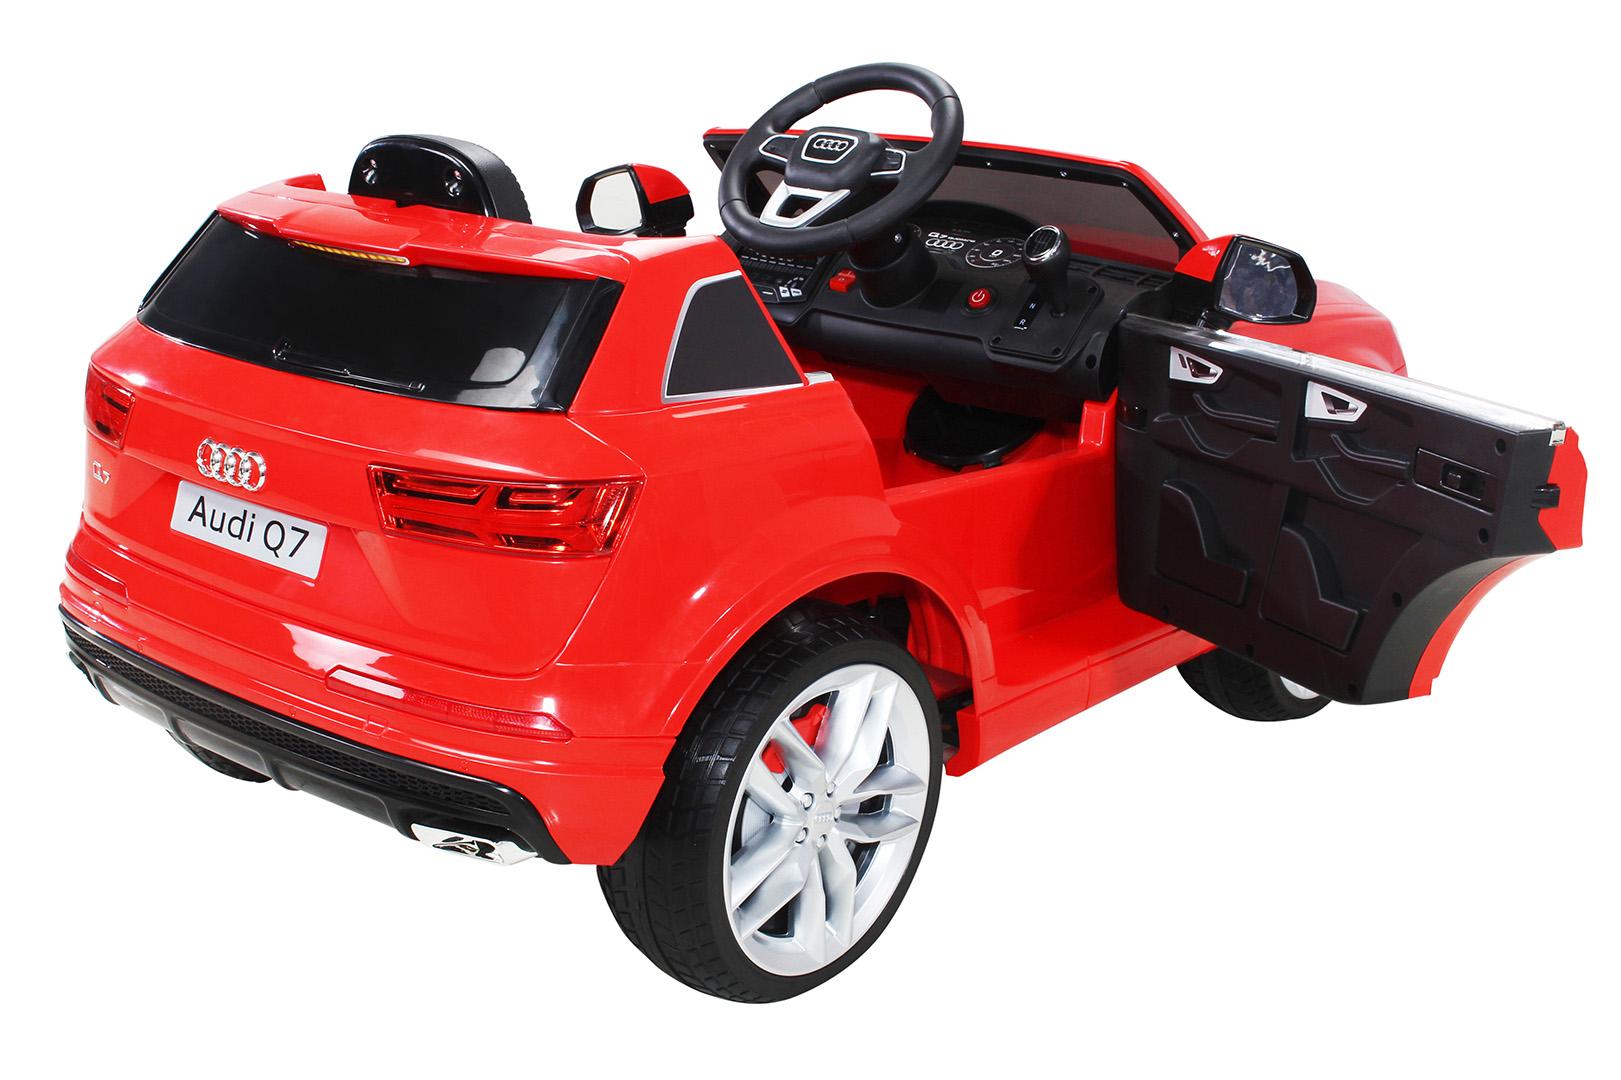 elektroauto audi q7 suv kinderauto elektrofahrzeug kinder. Black Bedroom Furniture Sets. Home Design Ideas